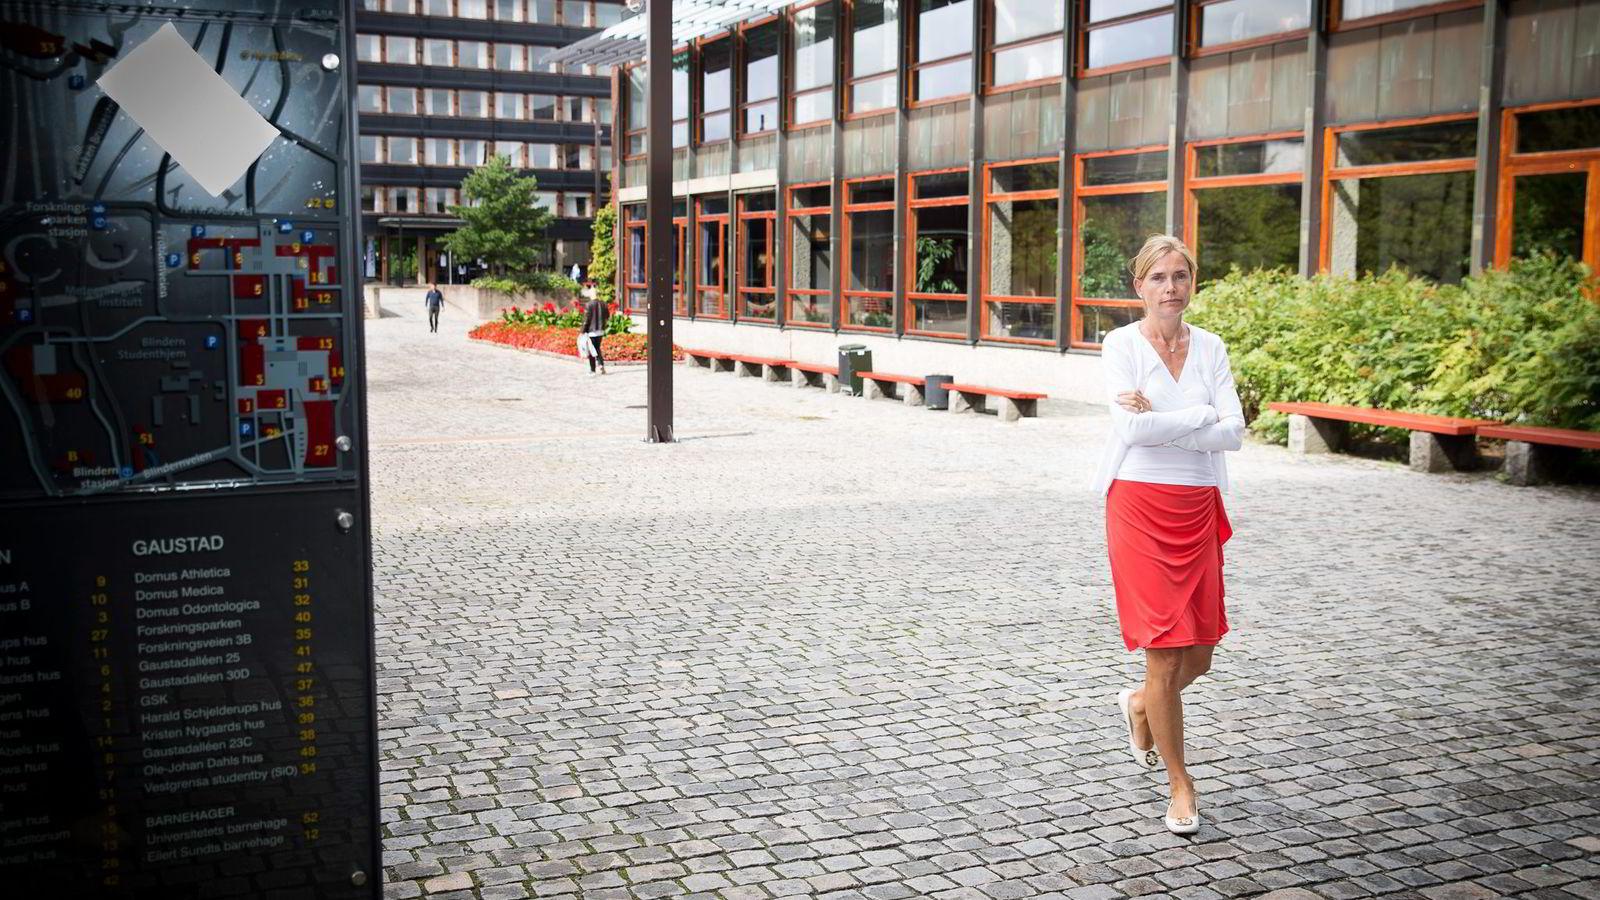 LEDER EKSPERTGRUPPE. Økonomiprofessor Karen Helene Ulltveit-Moe ved Universitetet i Oslo sier hennes største skrekk er å lansere en norsk offentlig utredning (NOU) som havner i en skuff.